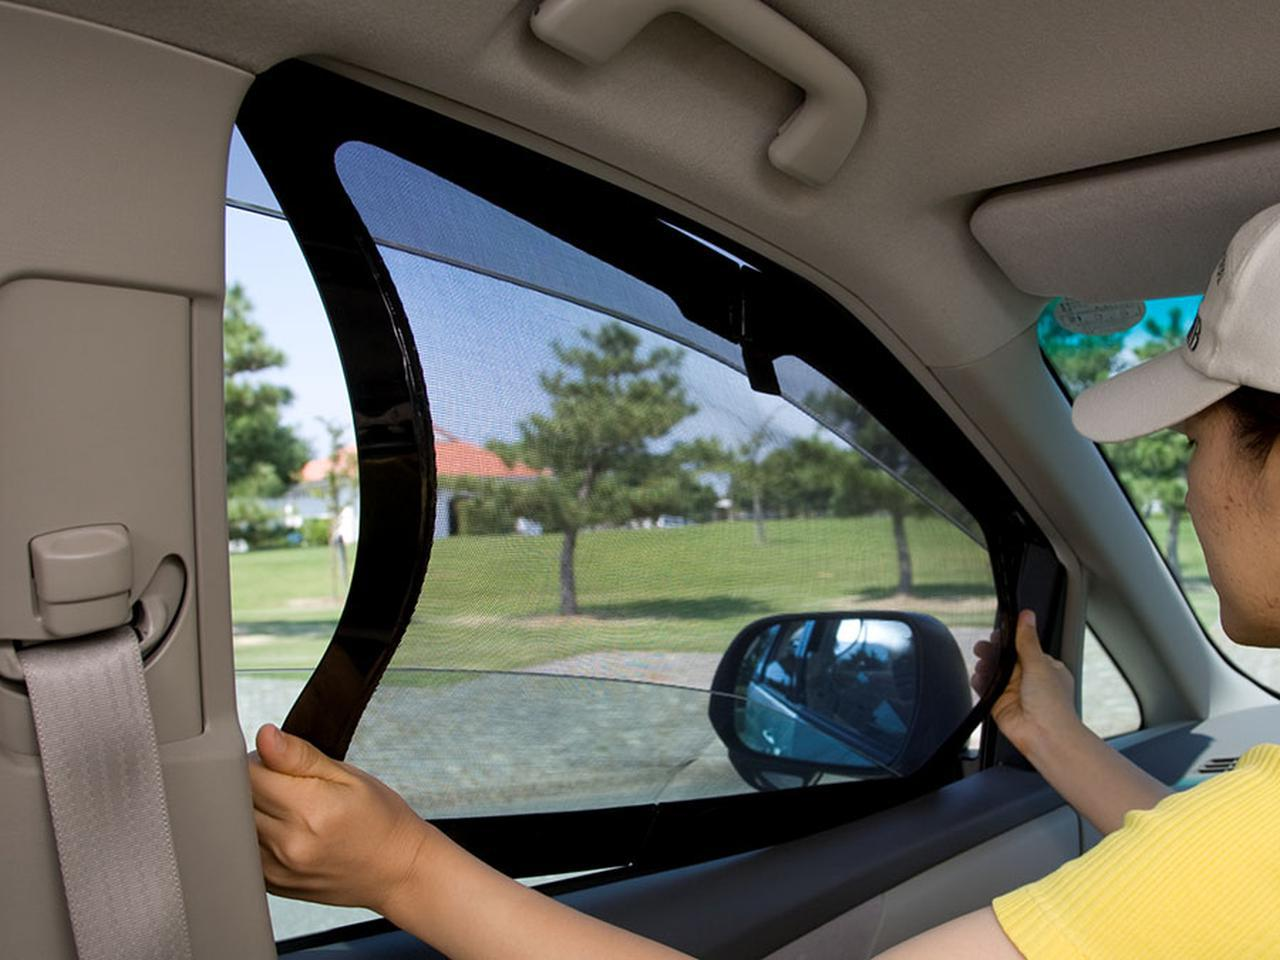 画像1: 車に網戸があれば夏の車中泊も安心だ! 装着したまま窓開閉ができる優秀アイテム - アウトドア情報メディア「SOTOBIRA」